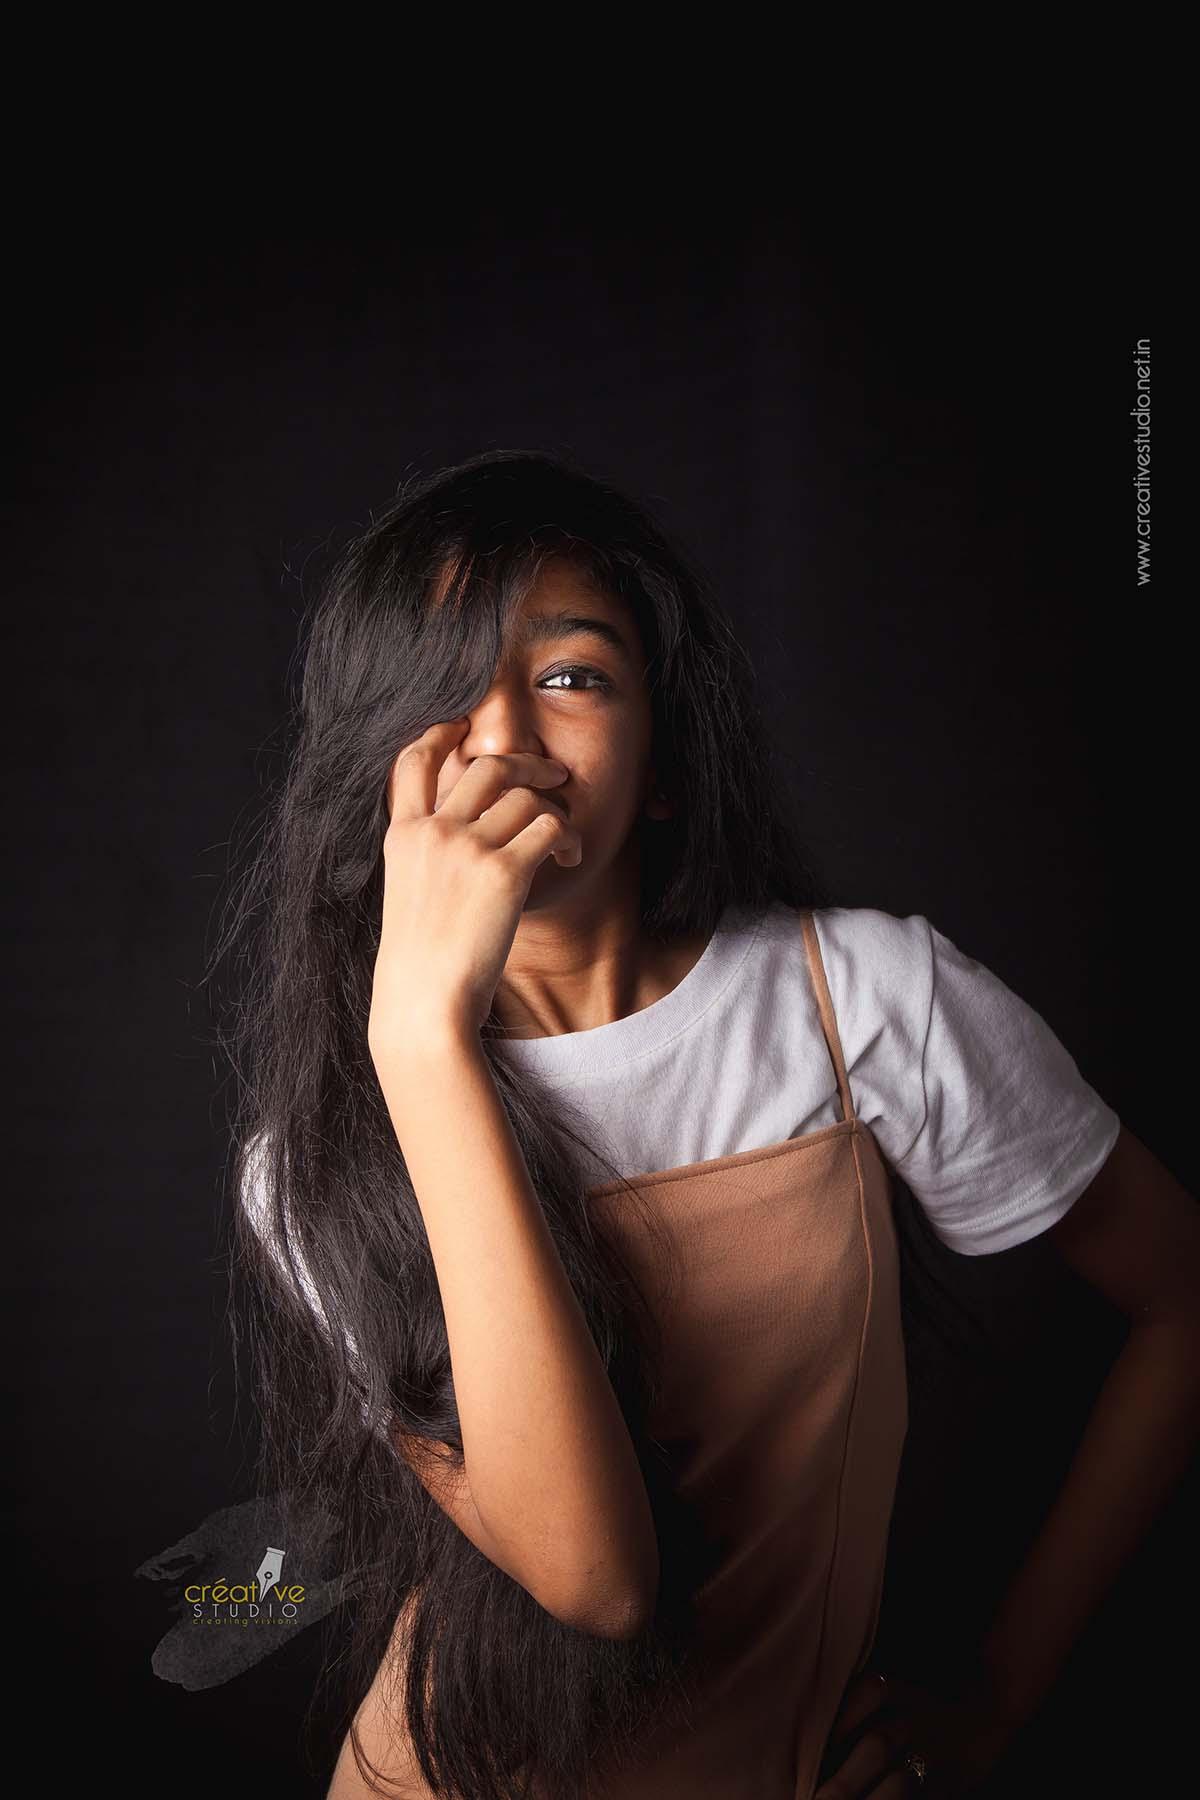 Portfolio 7 - Portfolio Shoot